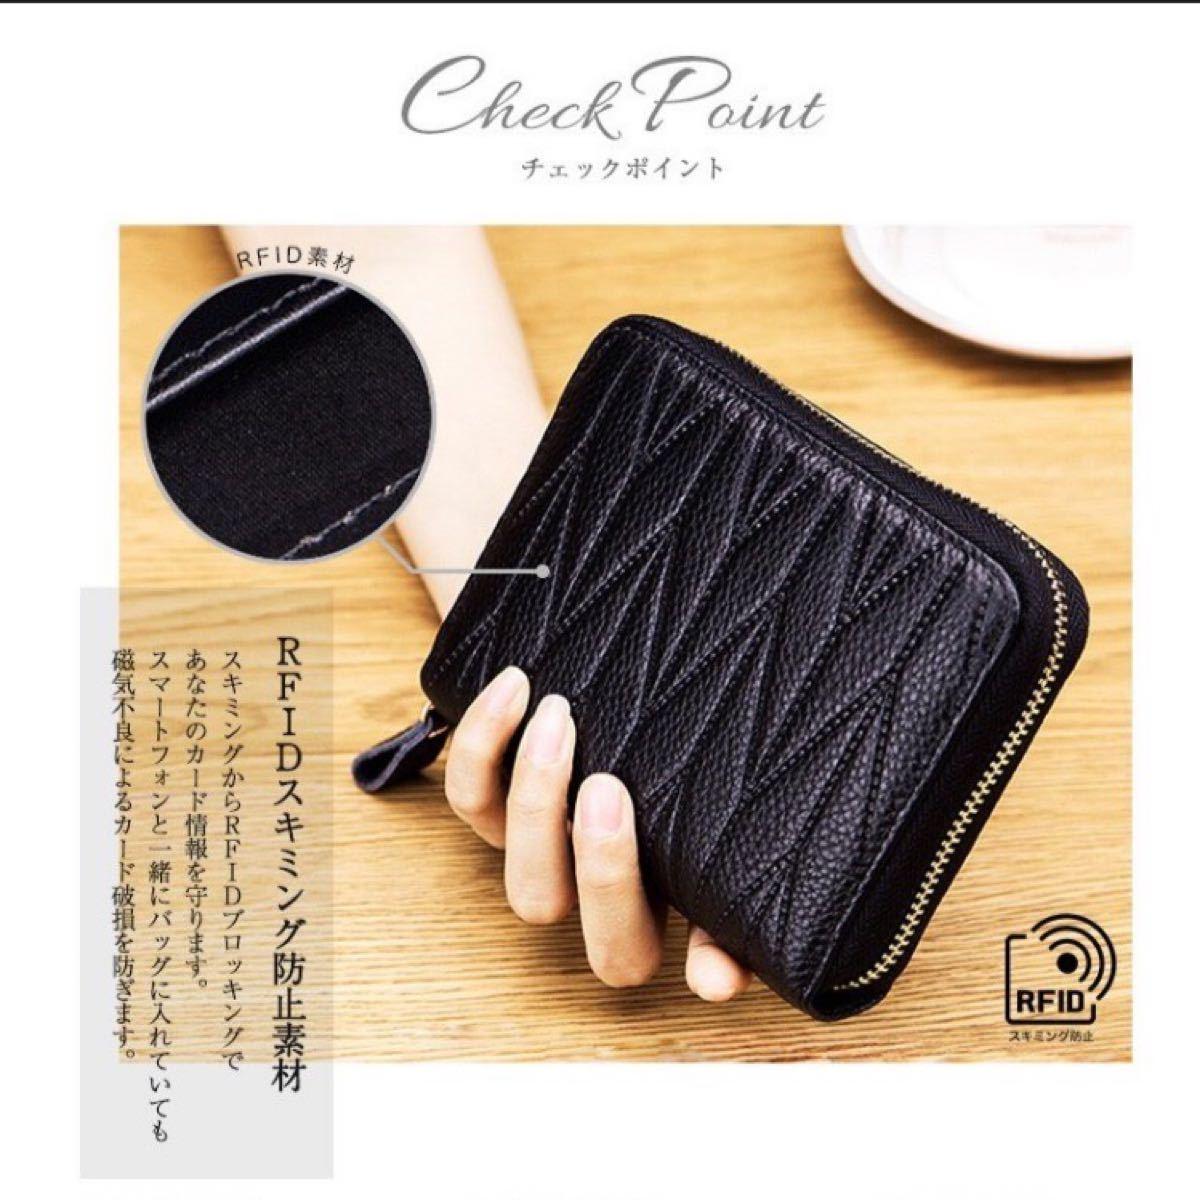 財布 カードケース 小銭入れ コインケース 牛革 メンズ財布 長財布 二つ折り 折り財布 三つ折り 革 本革